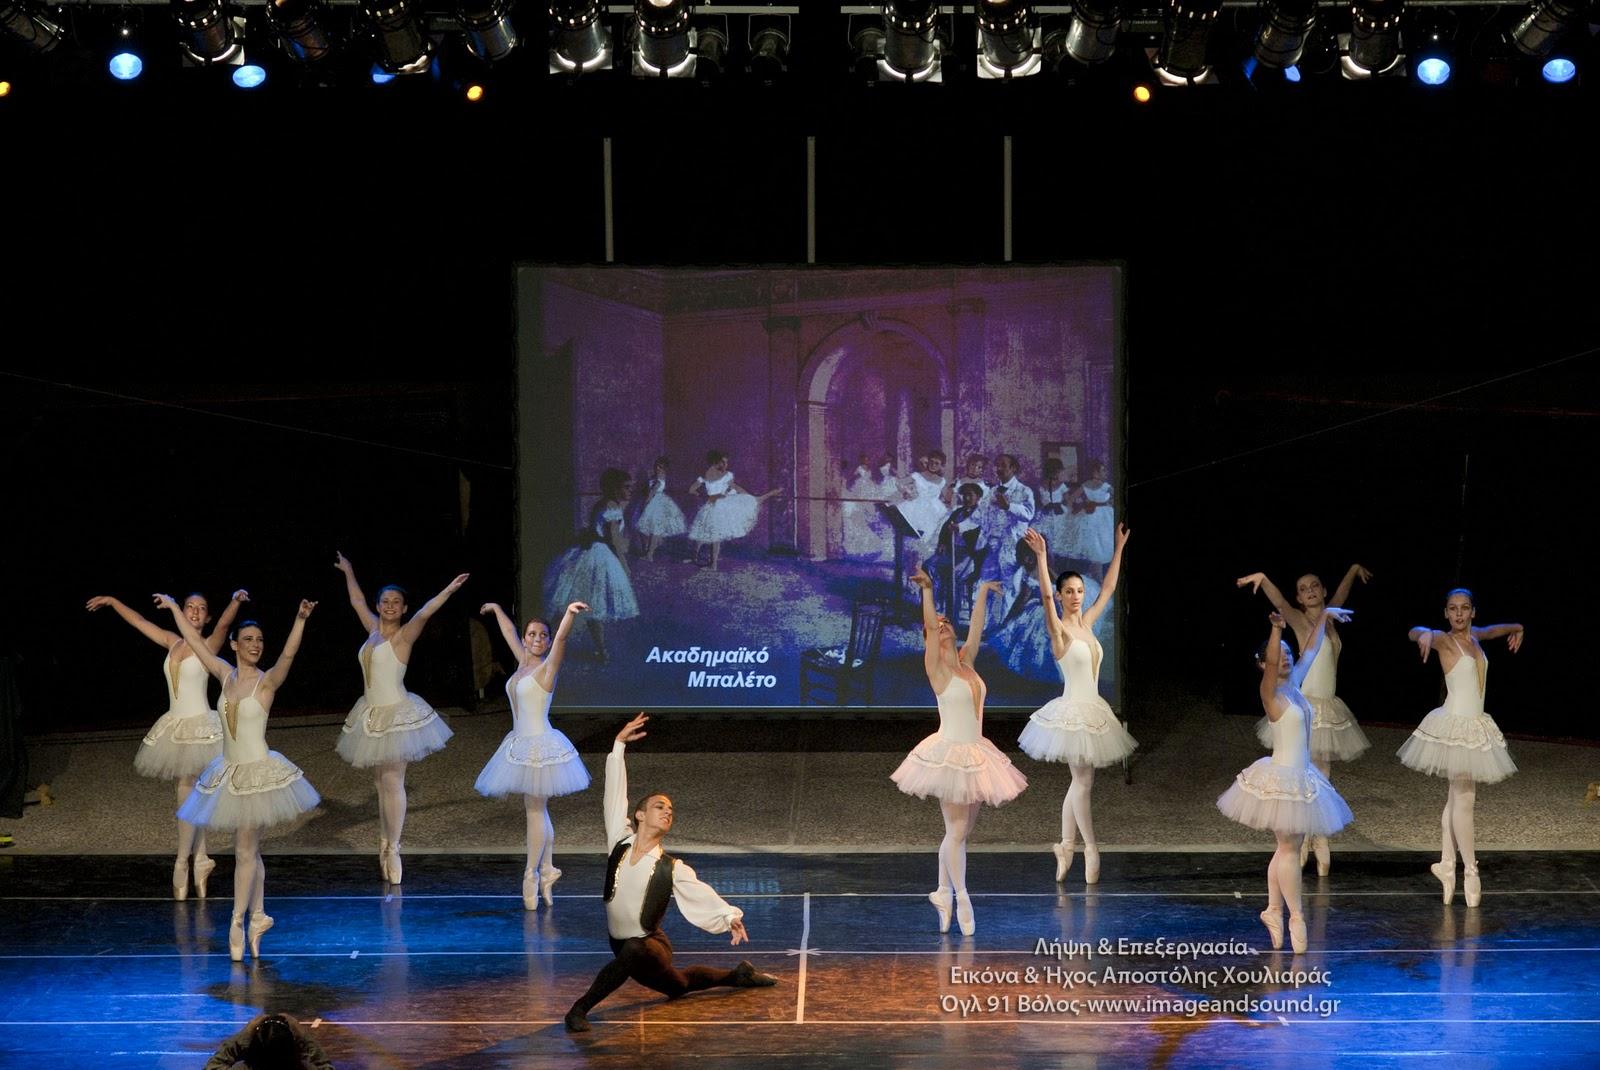 Αρχίζουν από Δευτέρα 10 Οκτωβρίου 2011 τα μαθήματα στη σχολή χορού και οι  εγγραφές θα συνεχίζονται καθημερινά από τις 16.30 έως τις 20.30 το απόγευμα. a921613555e